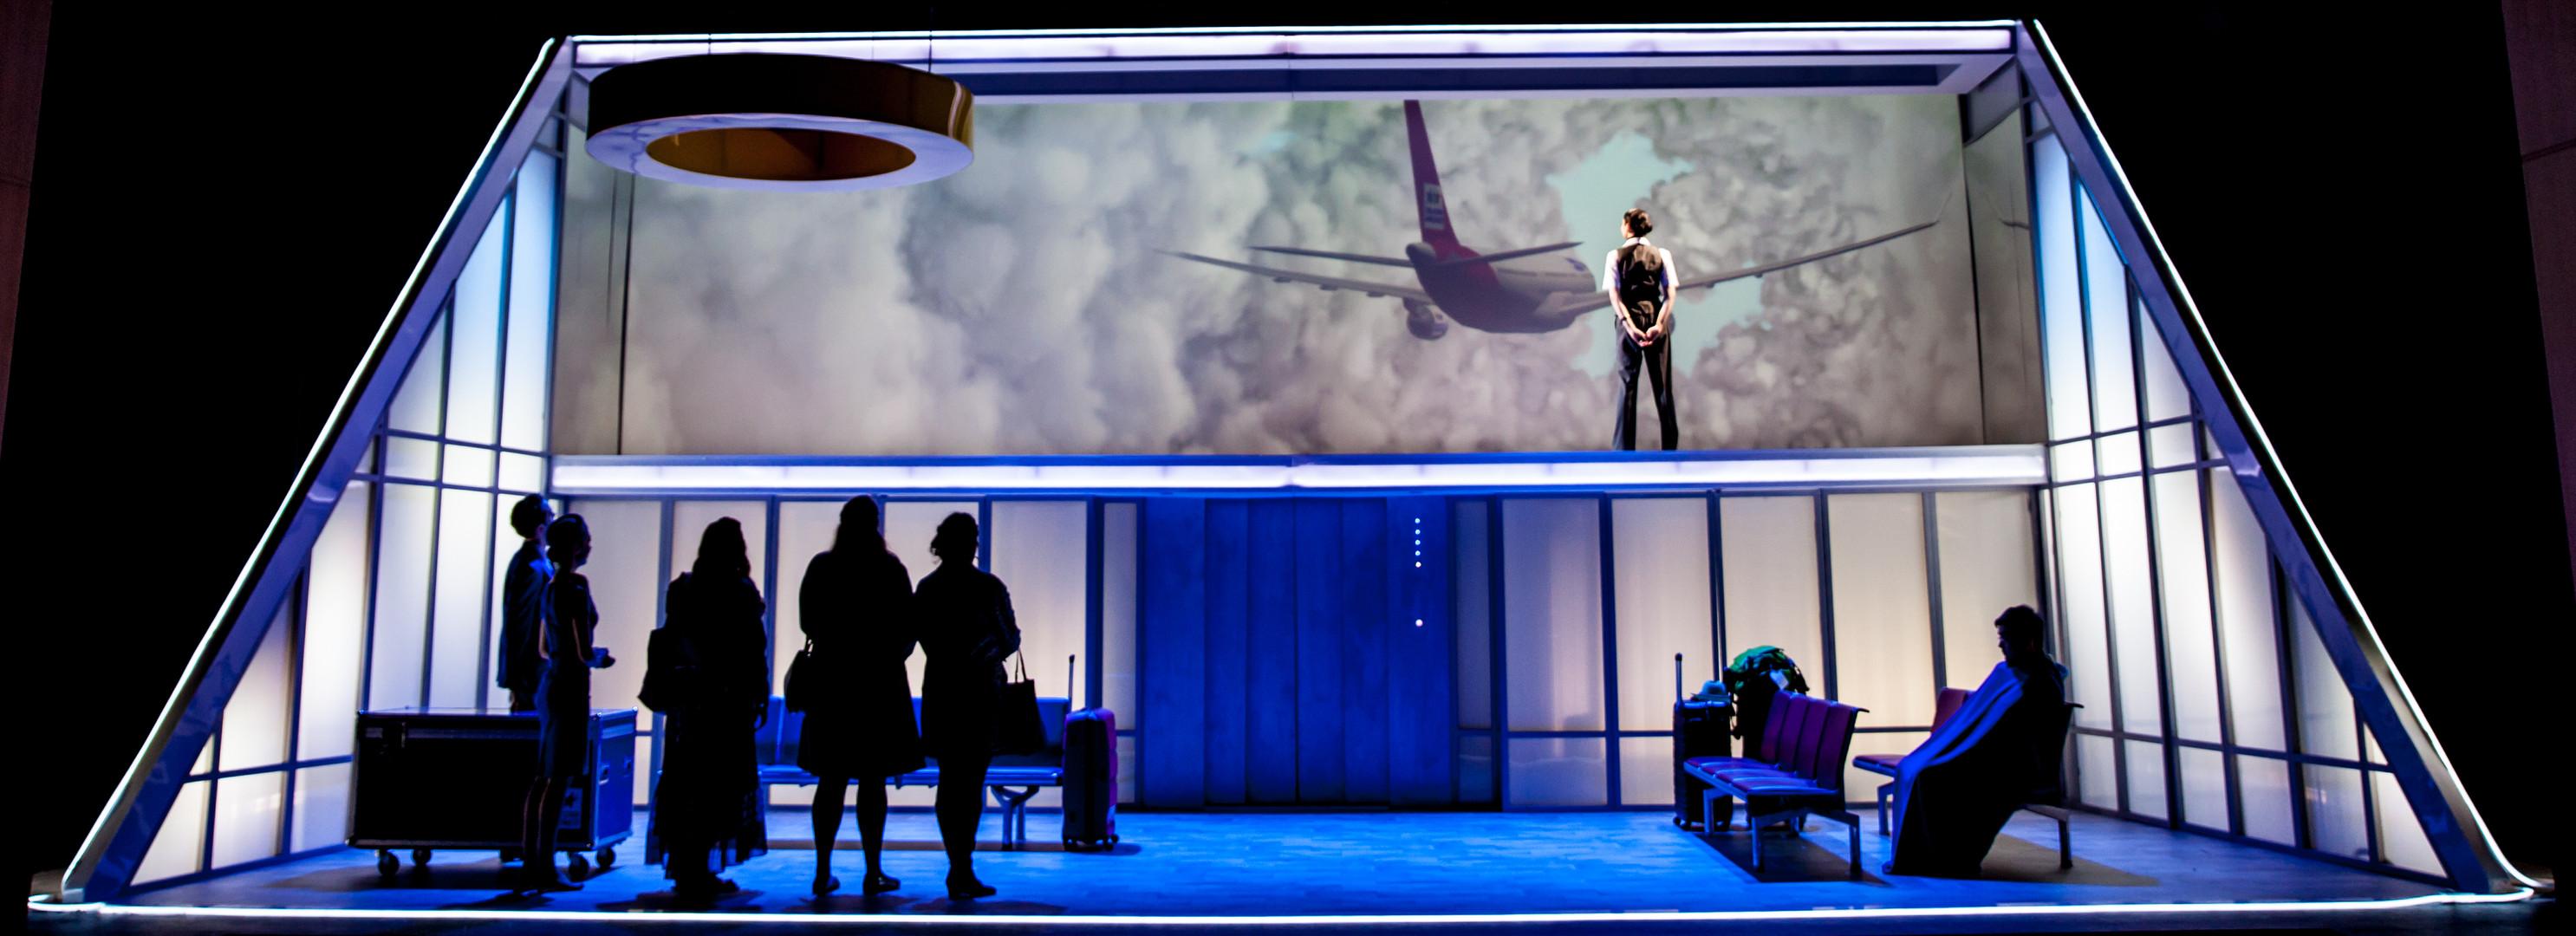 Flights 14